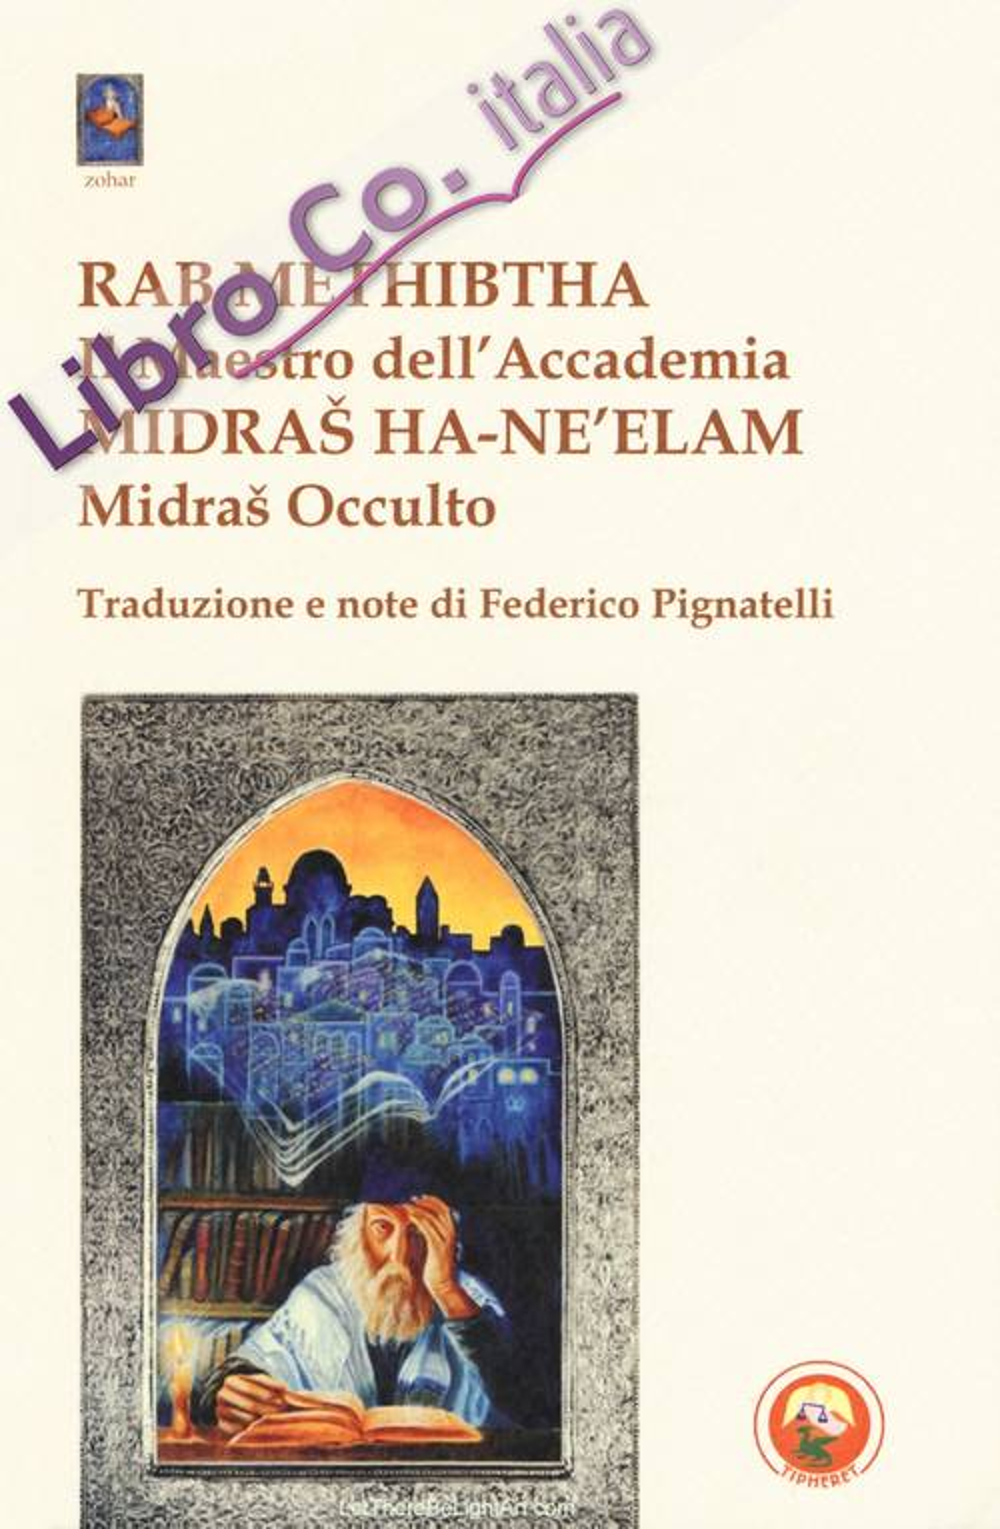 Rab Methibtha (Il maestro dell'accademia)-Midras Ha-Ne'lam (Midras occulto)